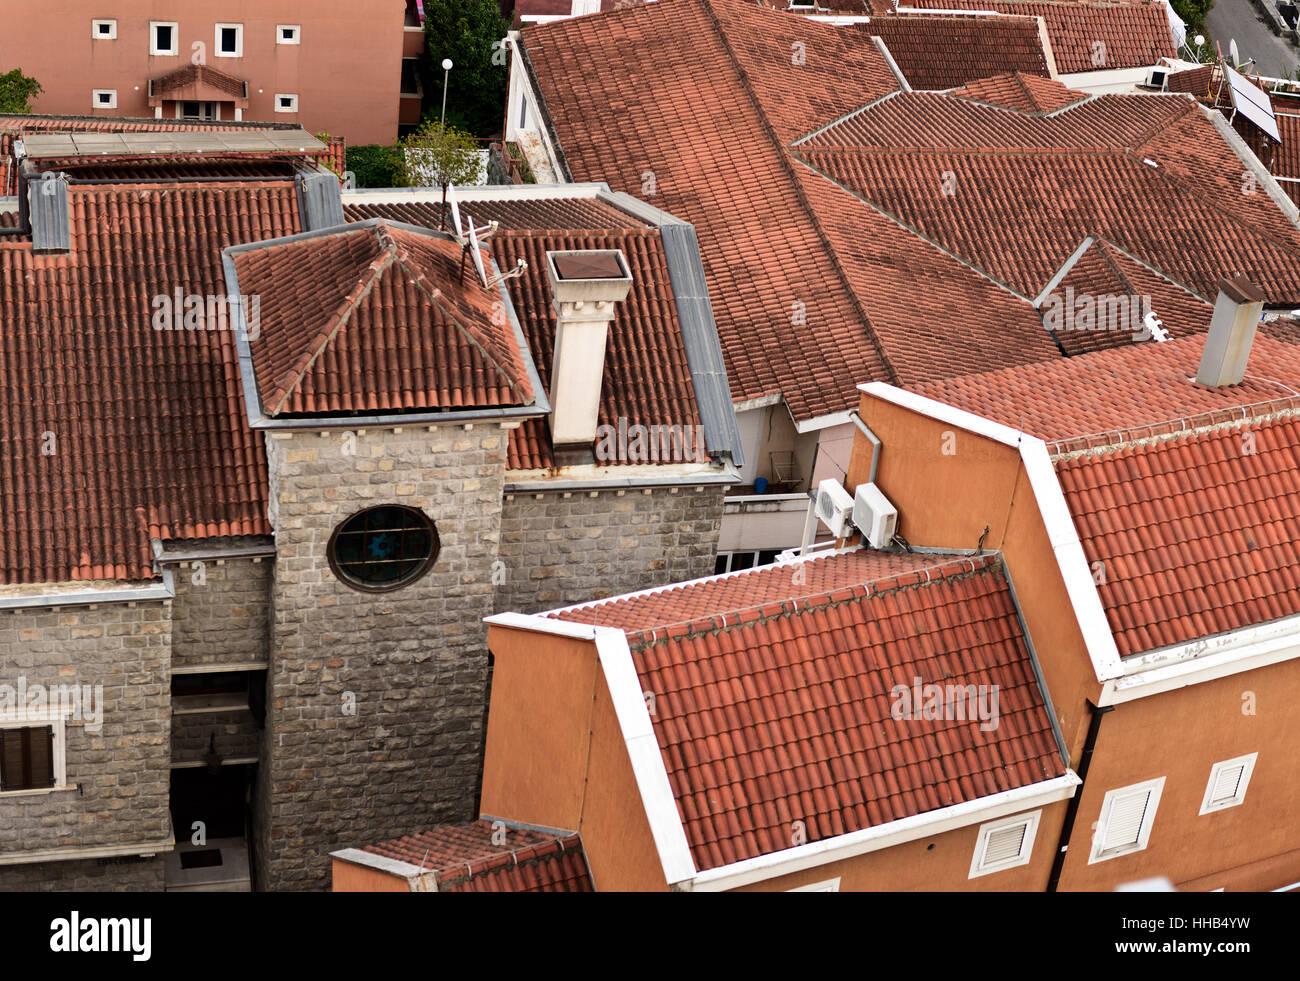 Molti tetti in tegole rosse insieme di chiusura. Vecchia città di Budva Immagini Stock